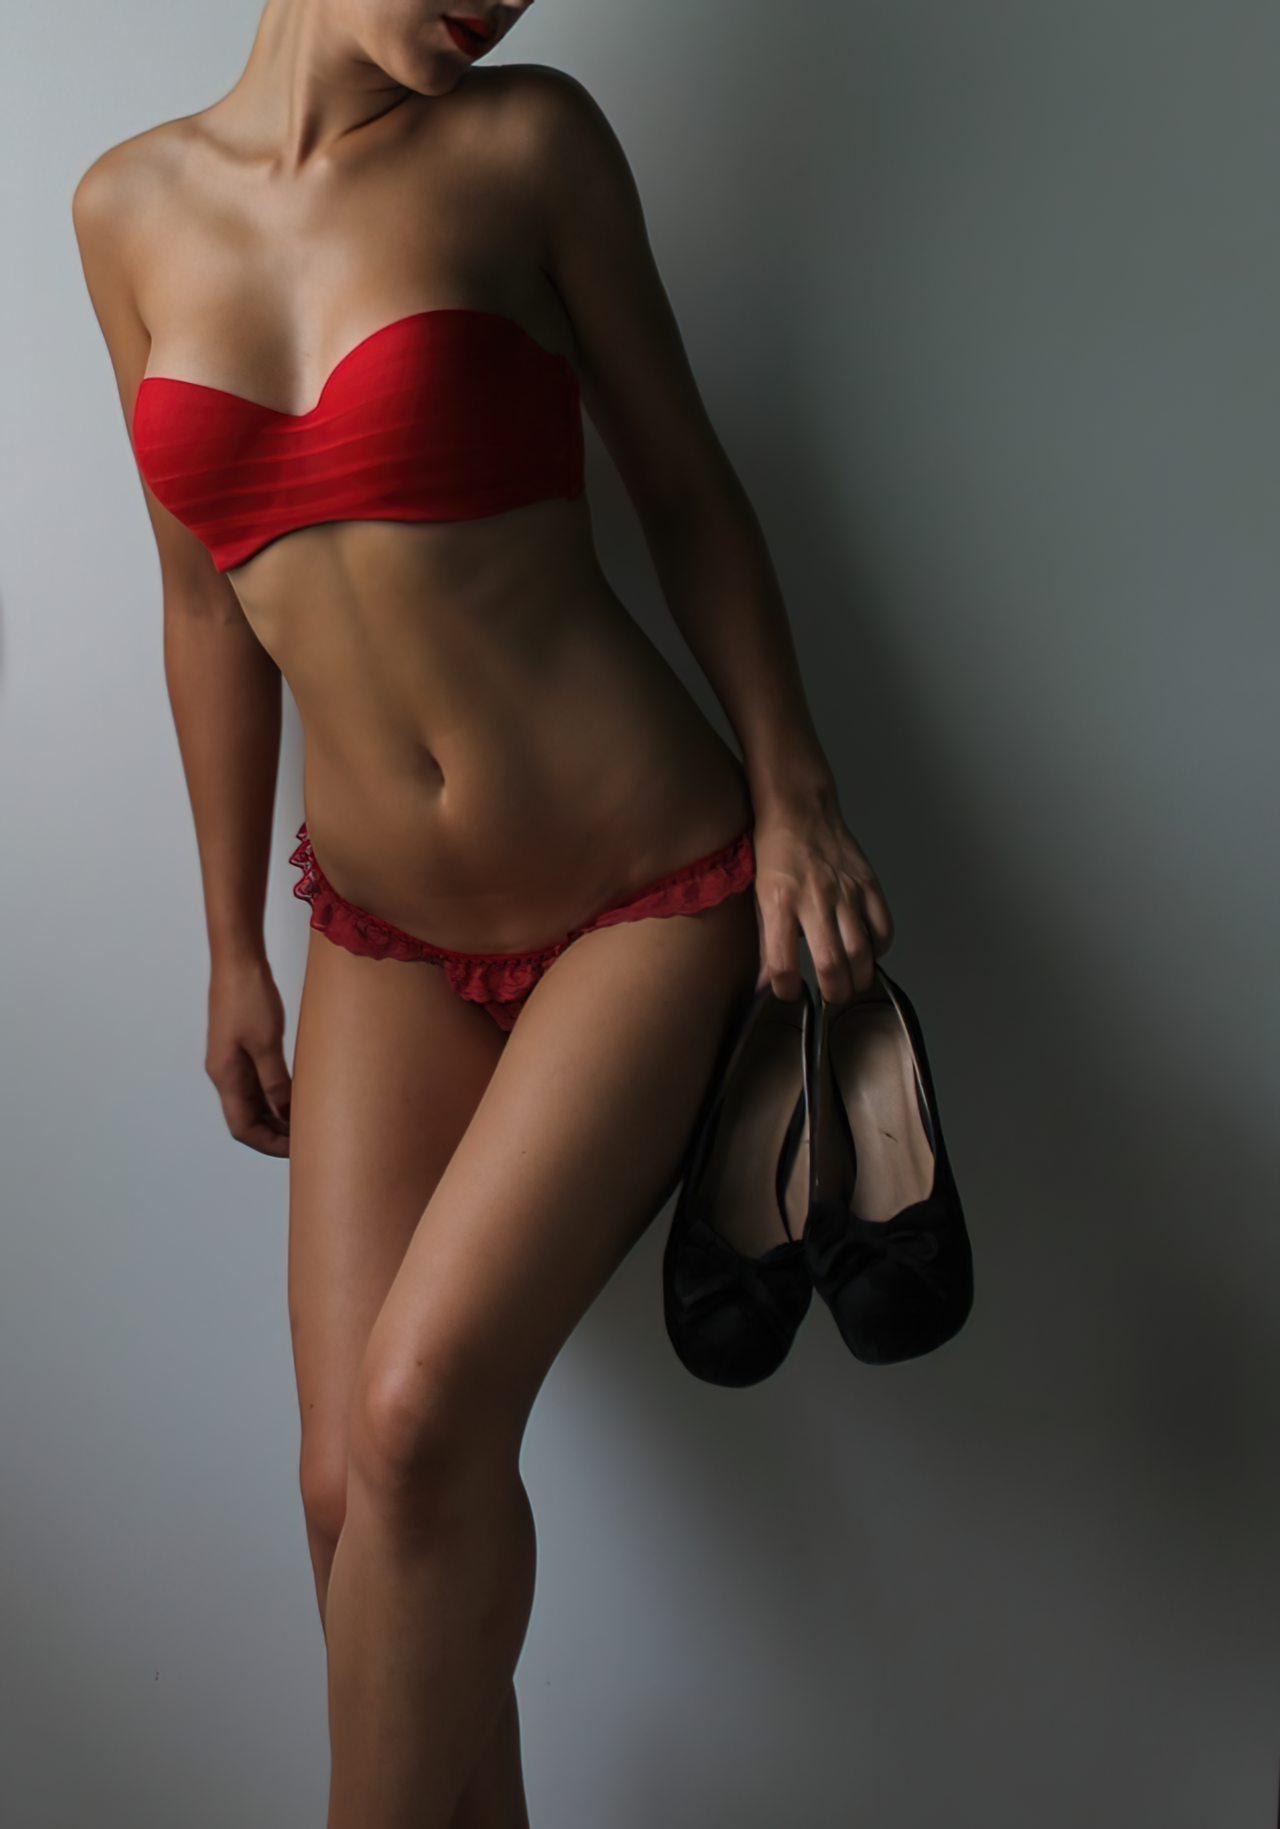 Mulher Despindo Vestido (3)